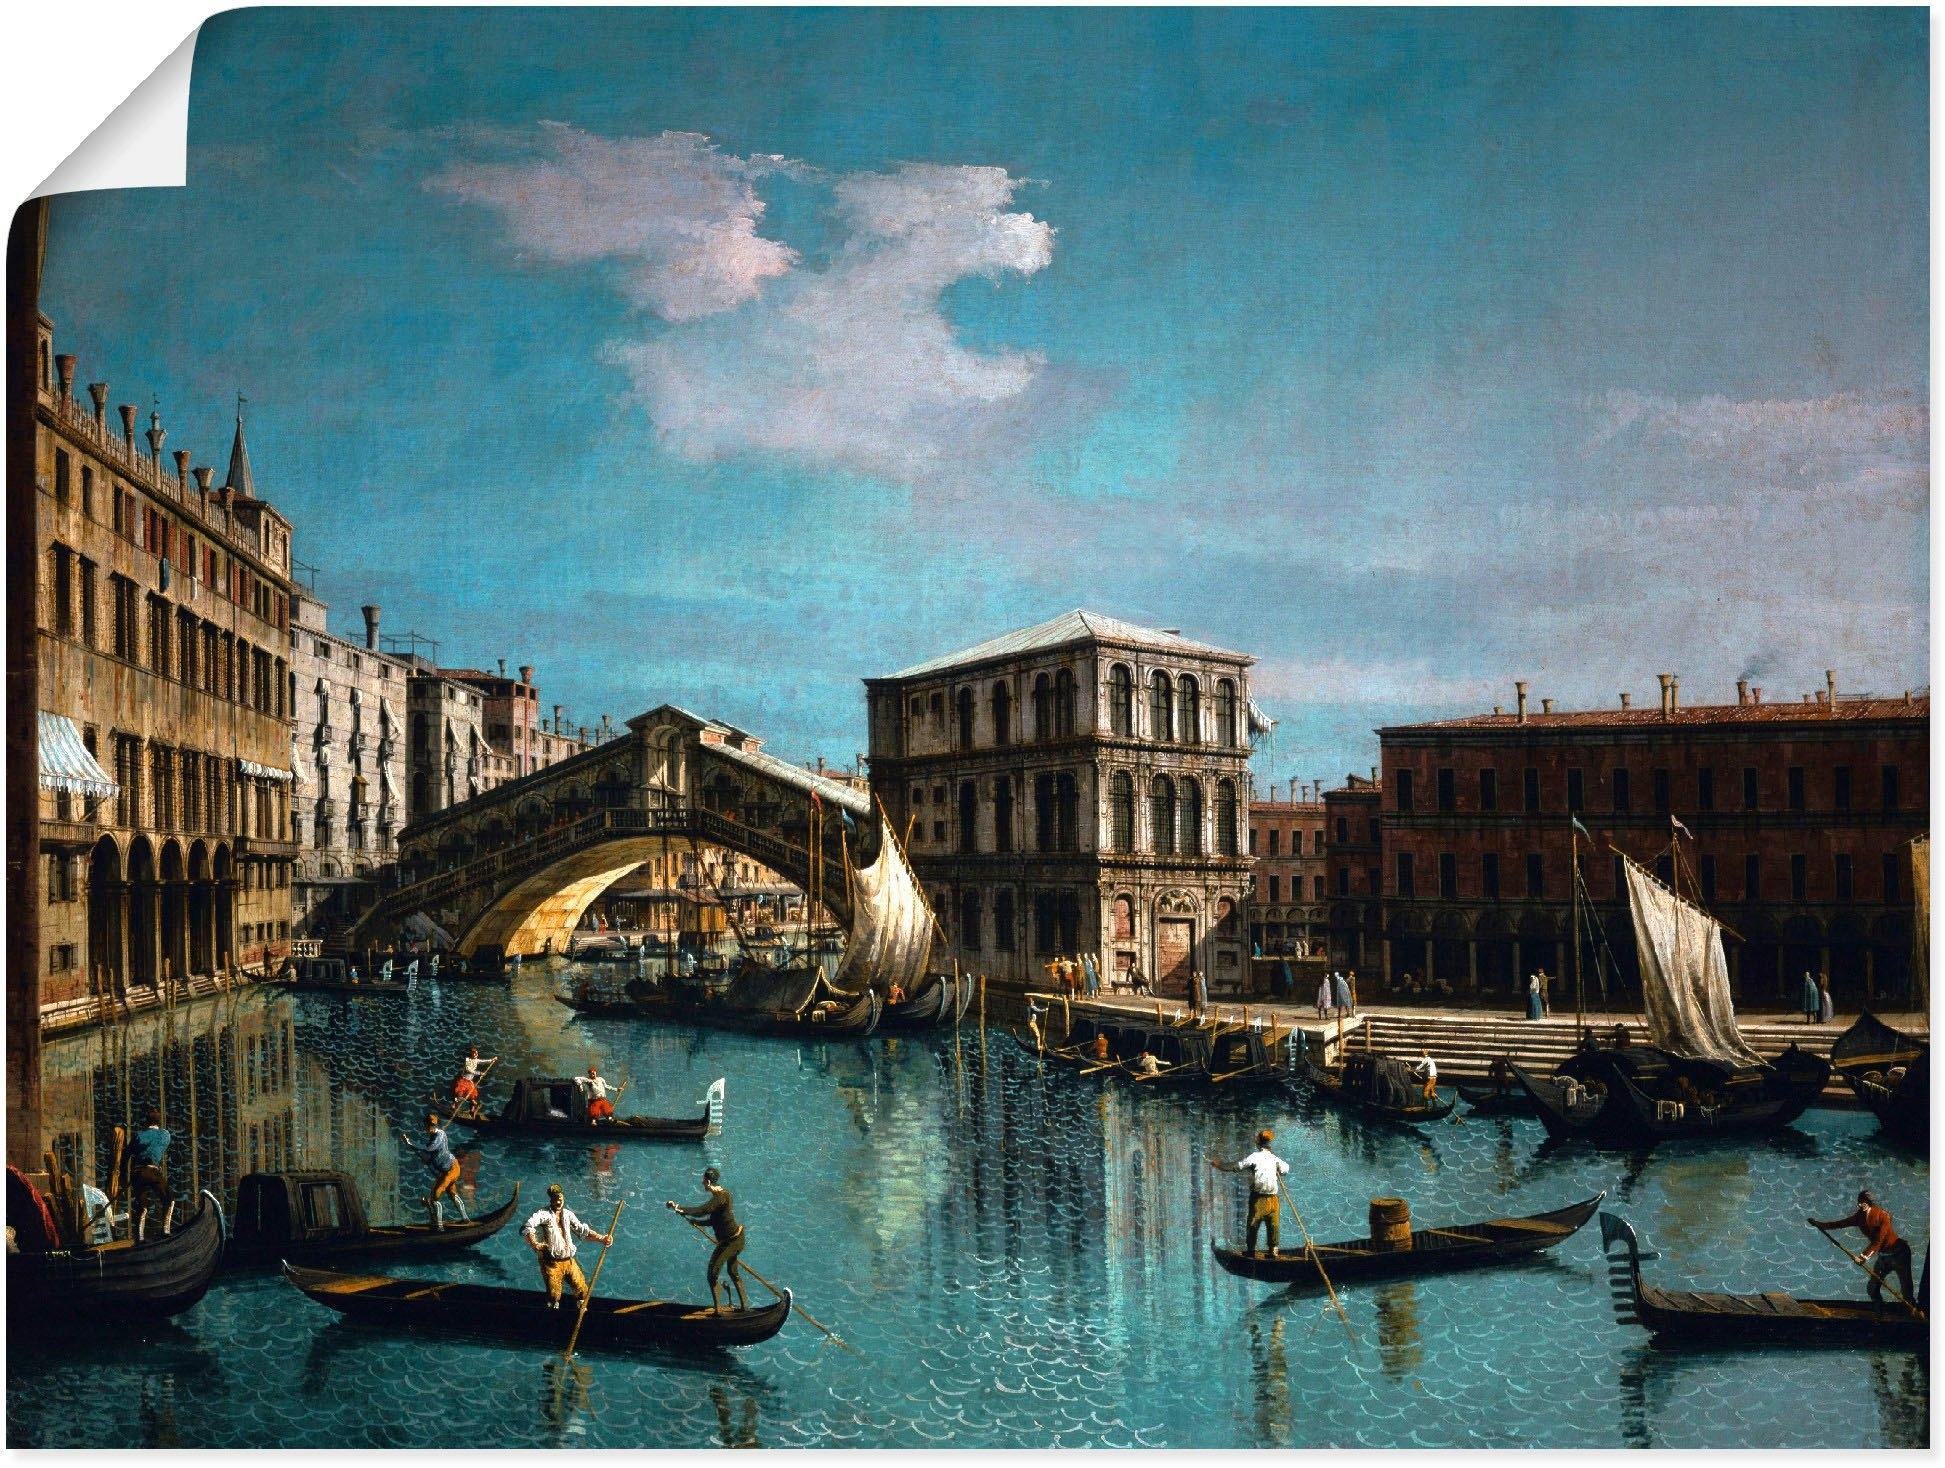 Artland artprint De Rialtobrug in Venetië in vele afmetingen & productsoorten -artprint op linnen, poster, muursticker / wandfolie ook geschikt voor de badkamer (1 stuk) goedkoop op otto.nl kopen